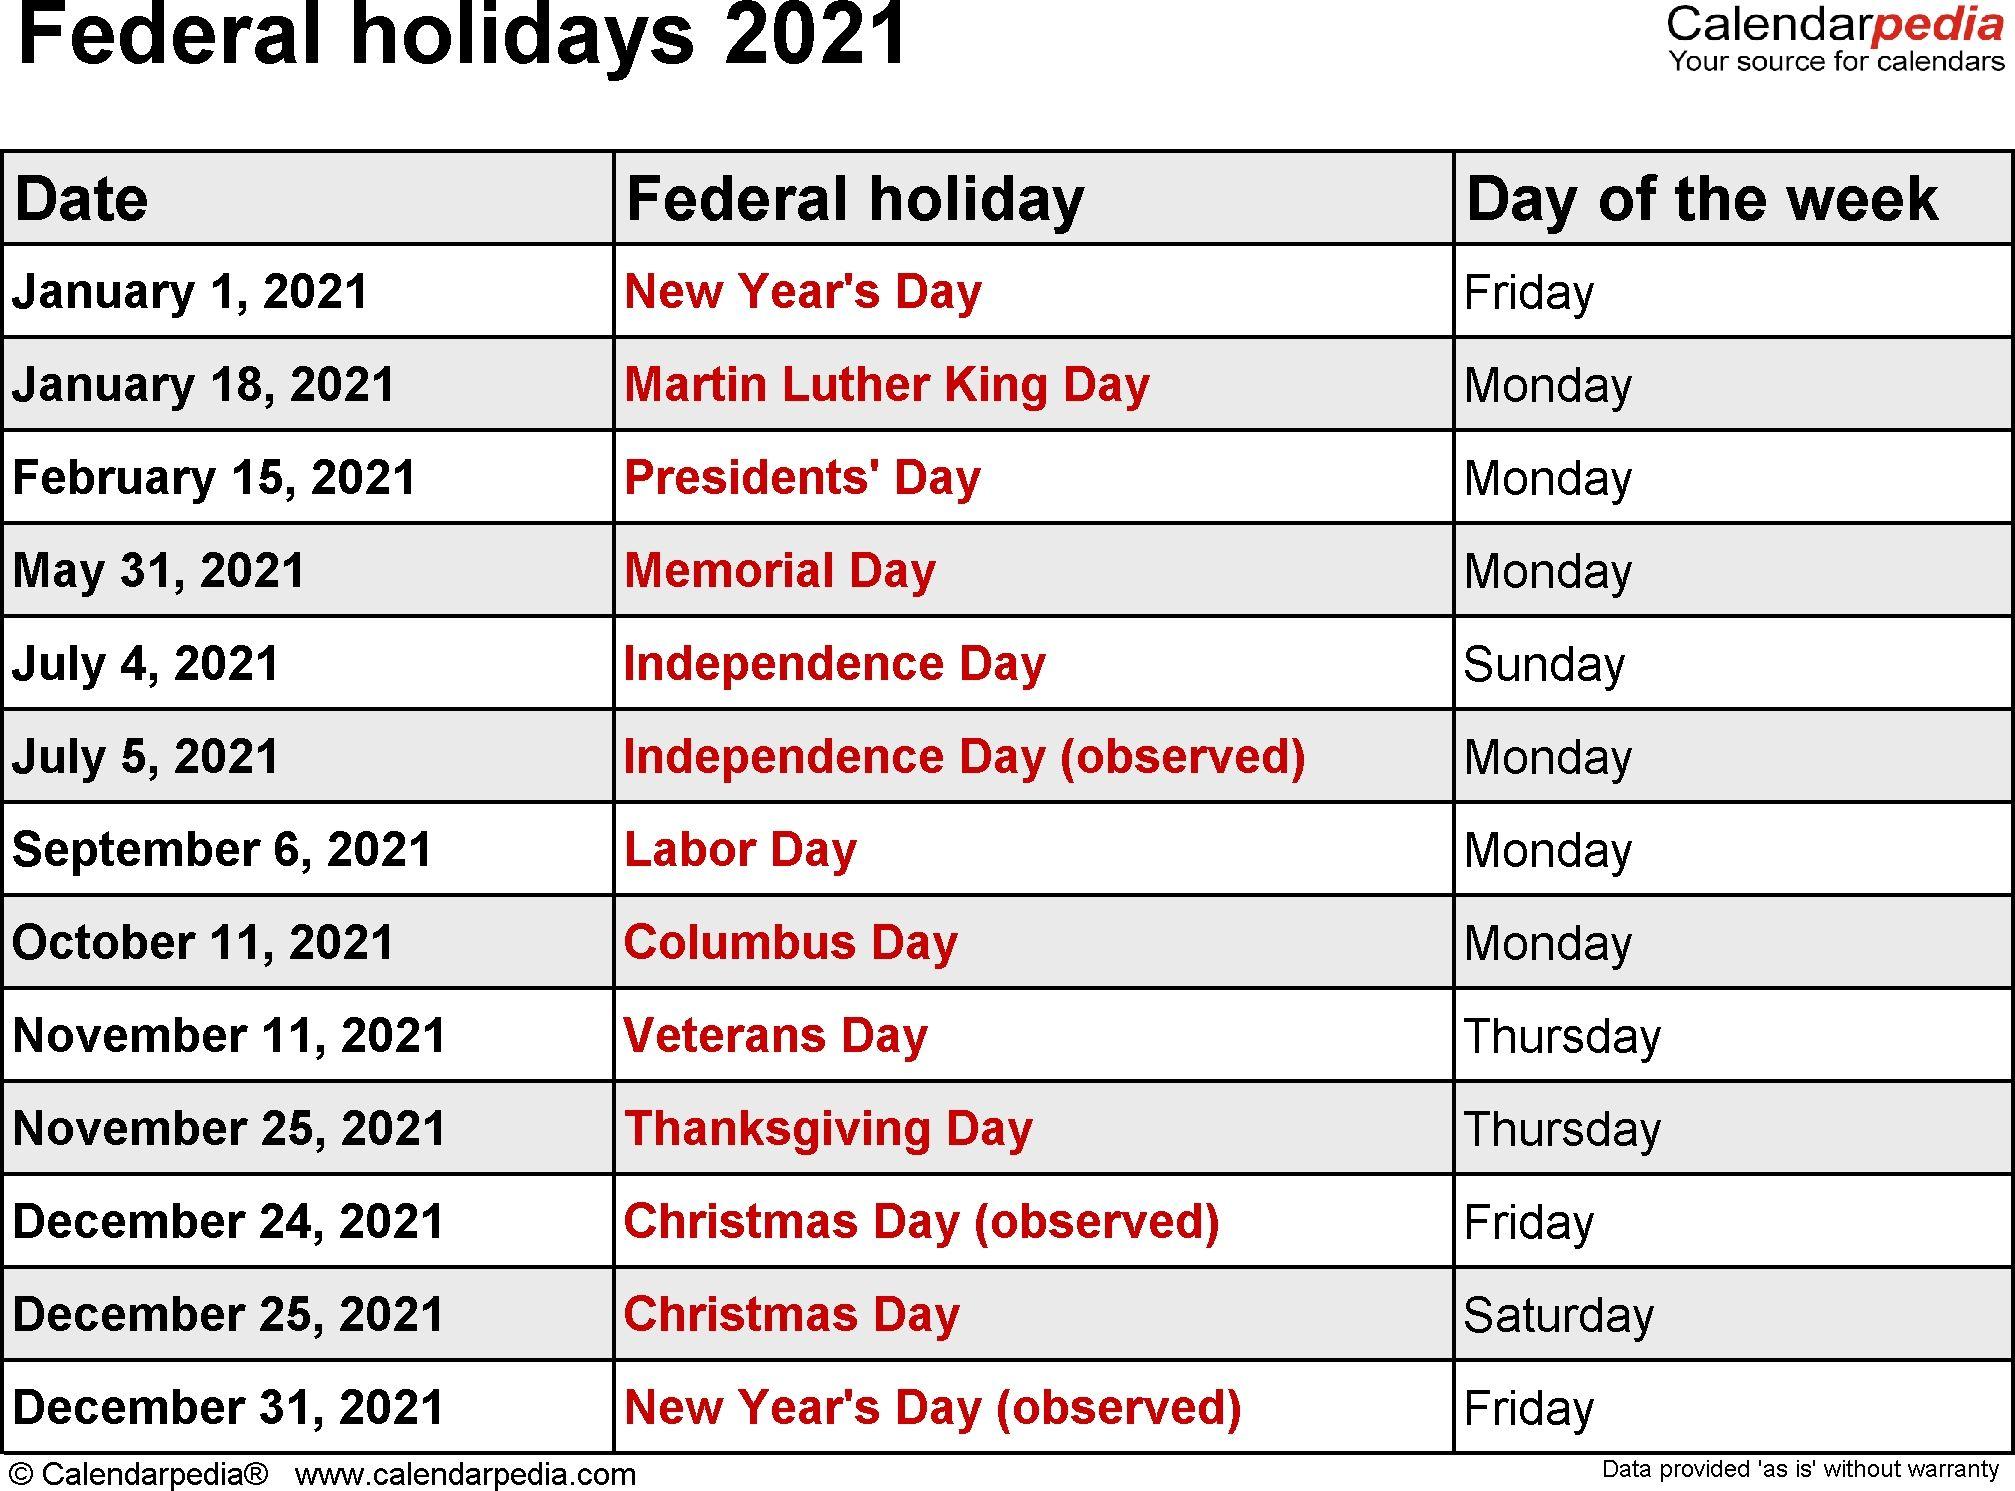 Federal Holidays 2021 Dowload Check more at https